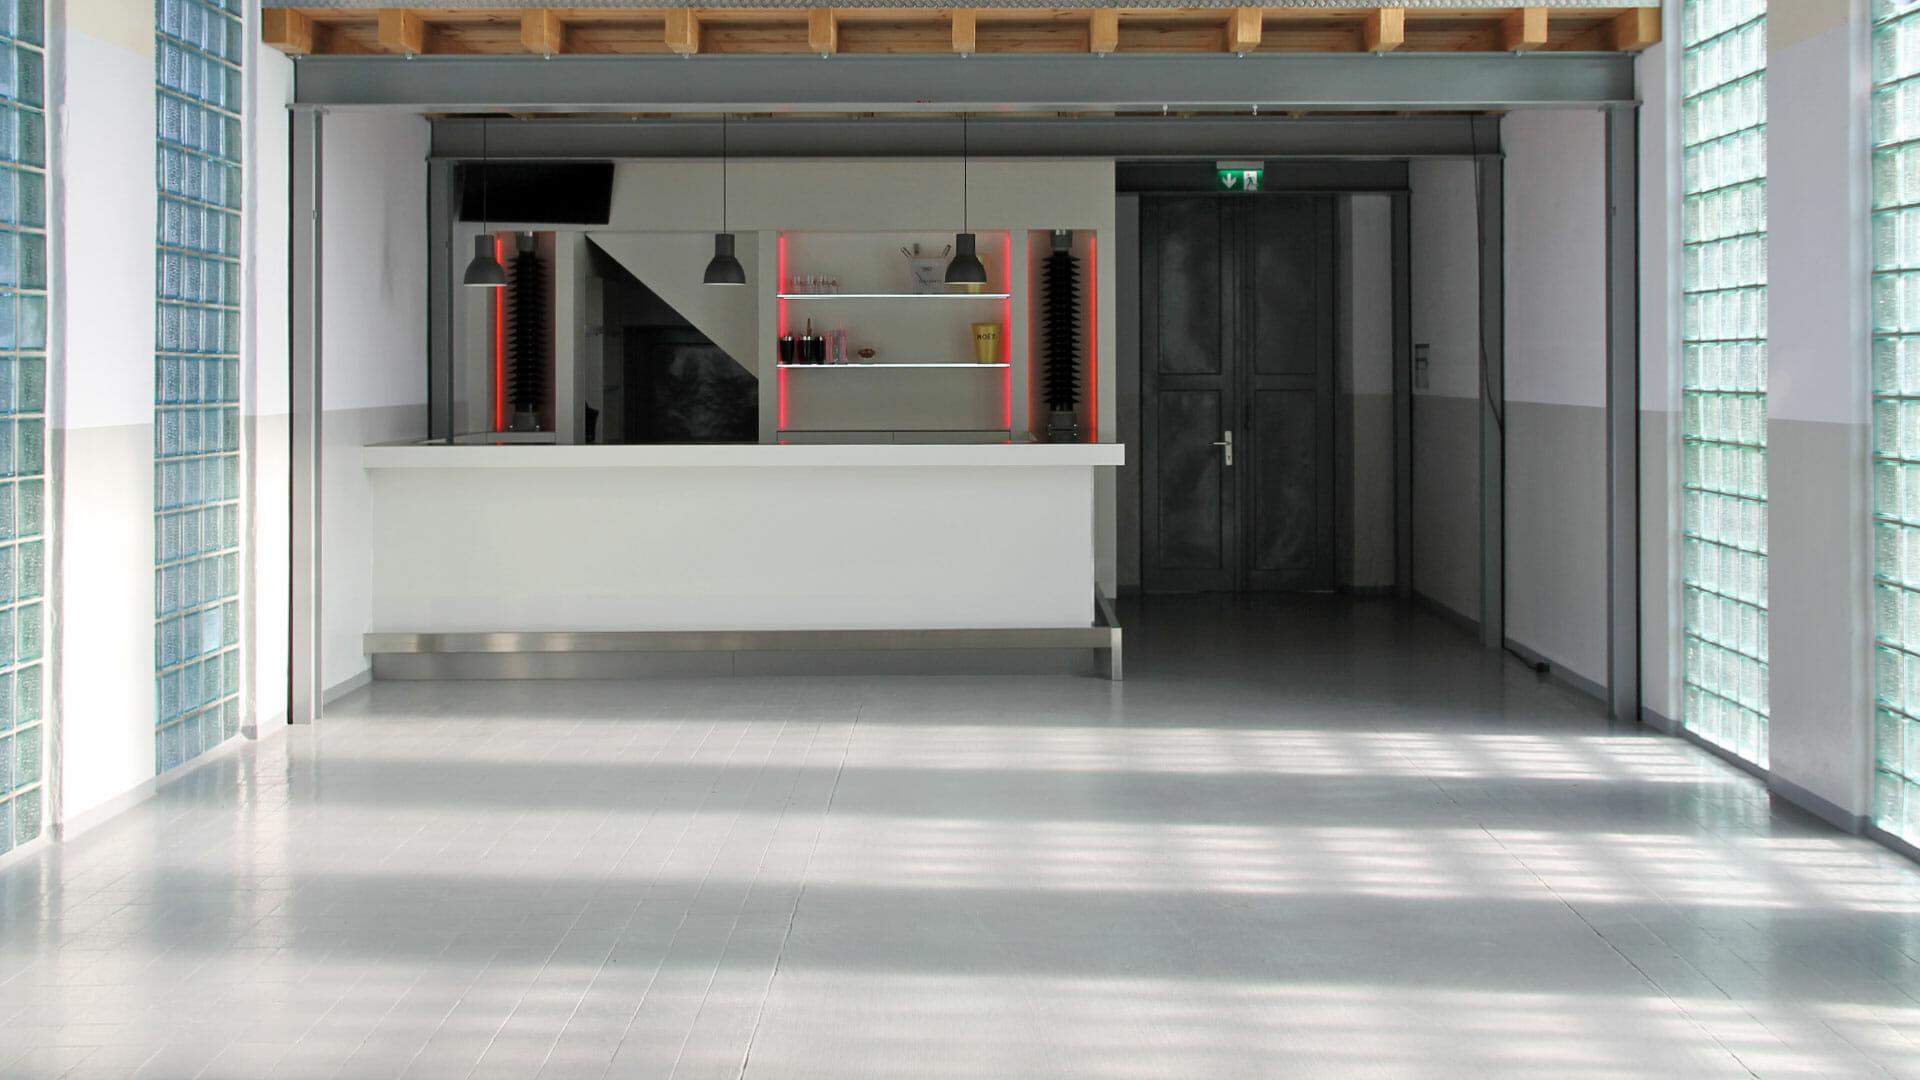 moderne Bar in Industriehalle mit Glasbausteinen Stahlträgern